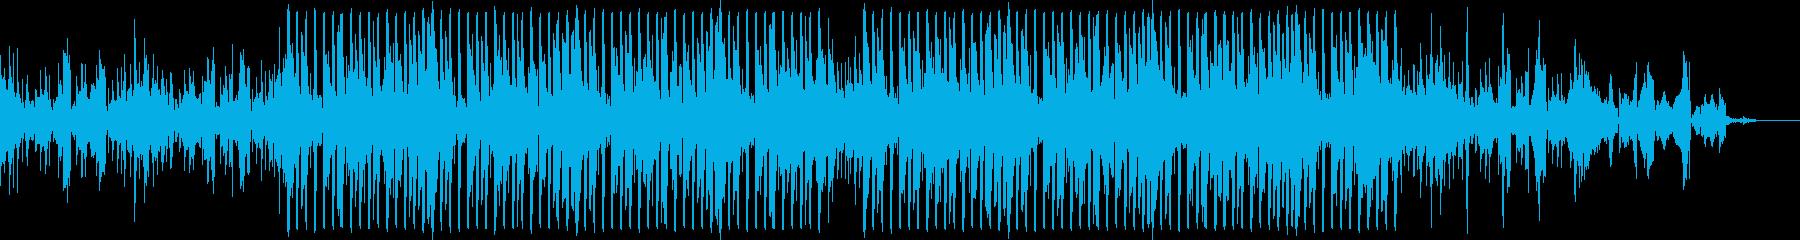 ワークアウトにあう自然を感じる曲の再生済みの波形